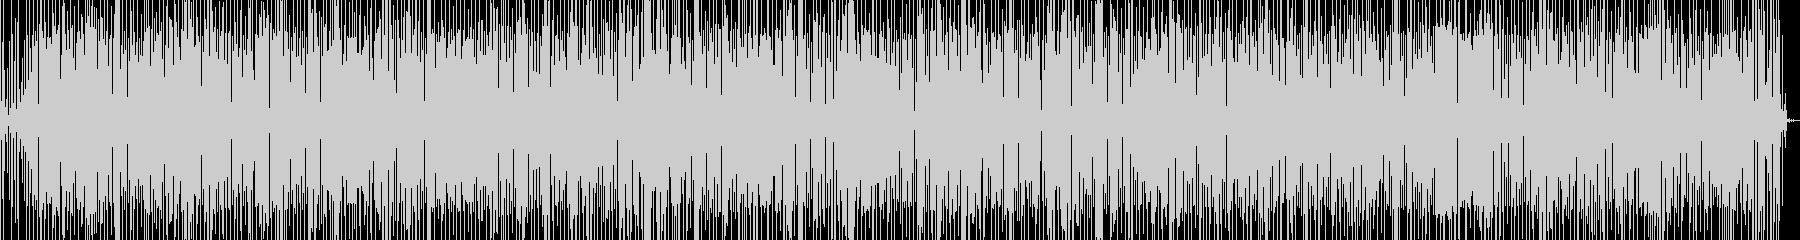 ファンクとルンバの融合したグルーヴと歌の未再生の波形